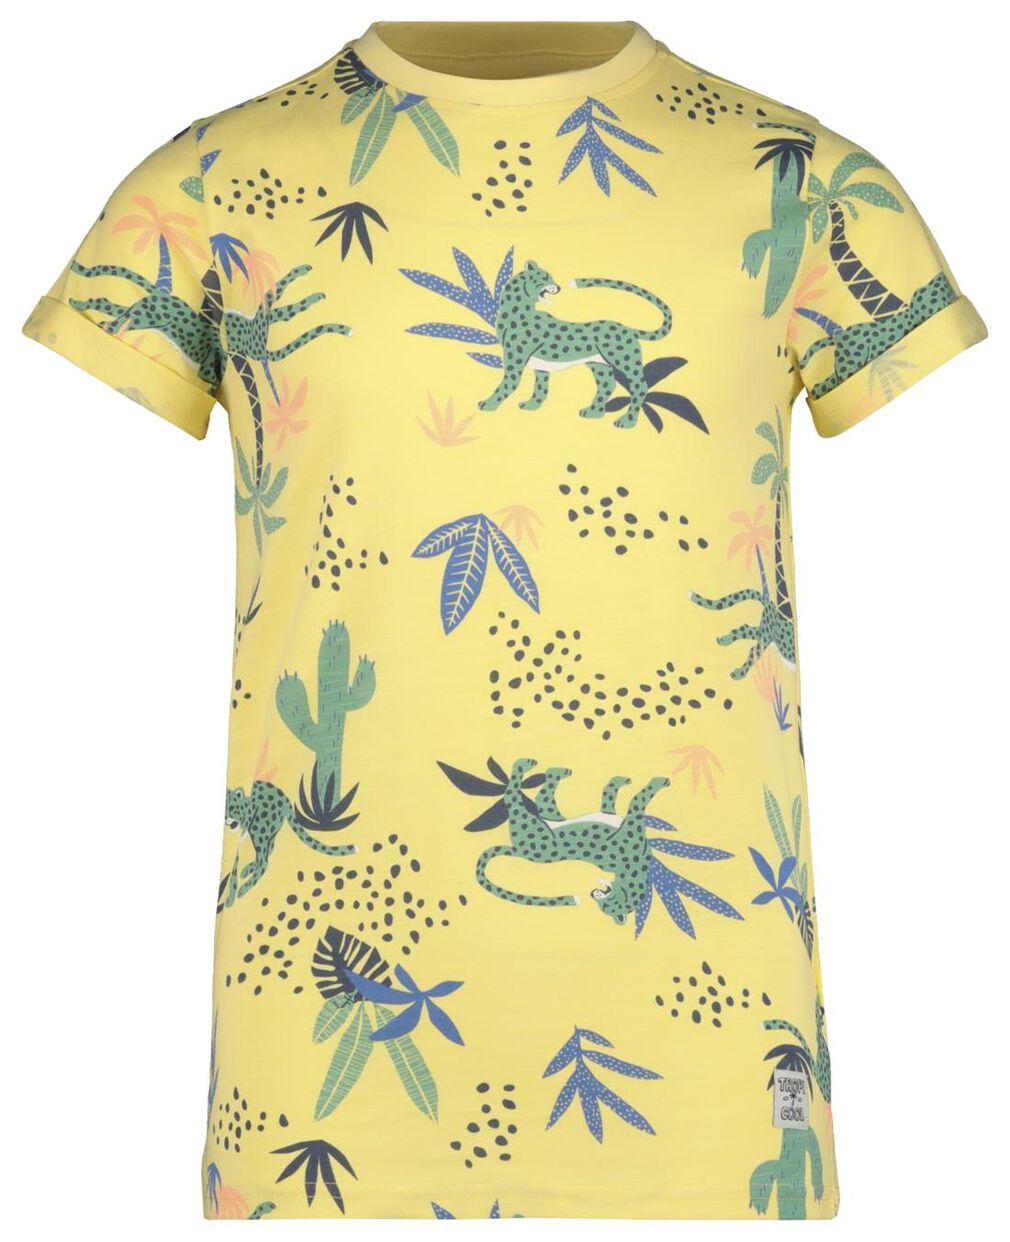 Jongenskleding tshirt hema van de zomercollectie